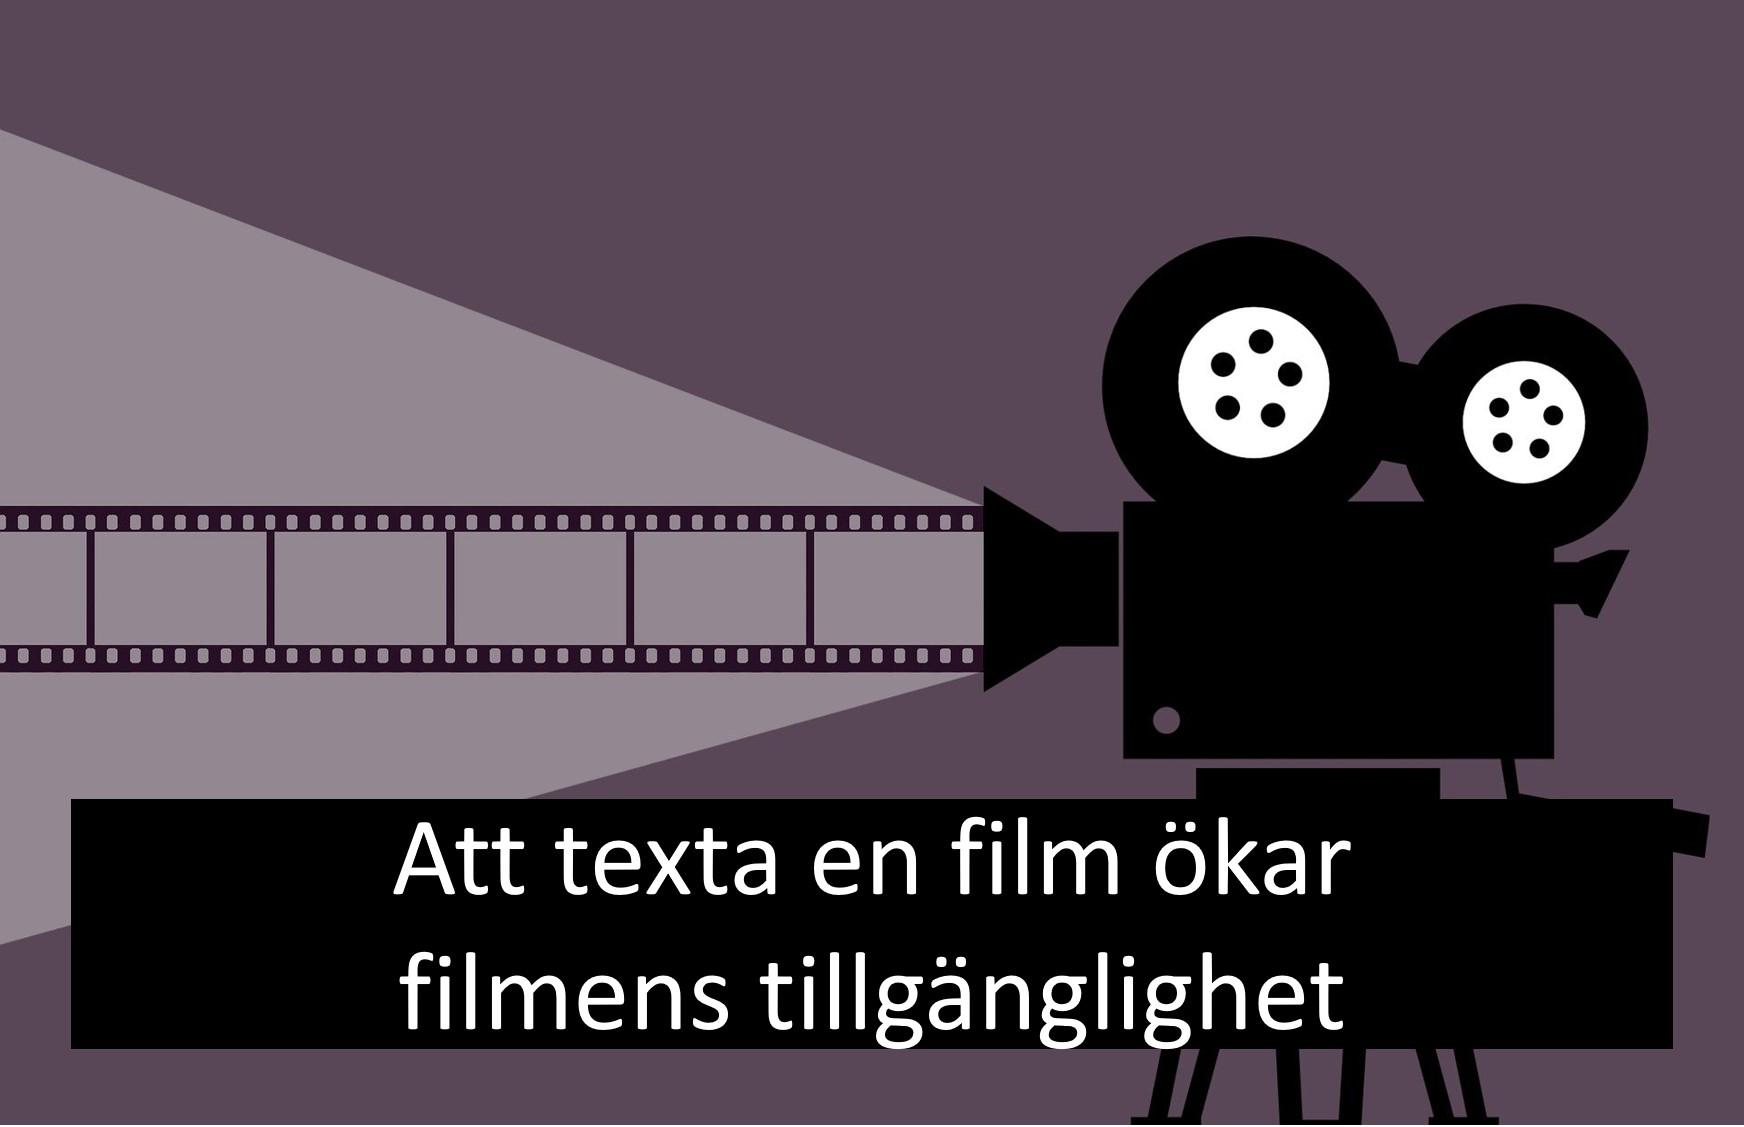 att texta en film ökar filmens tillgänglighet